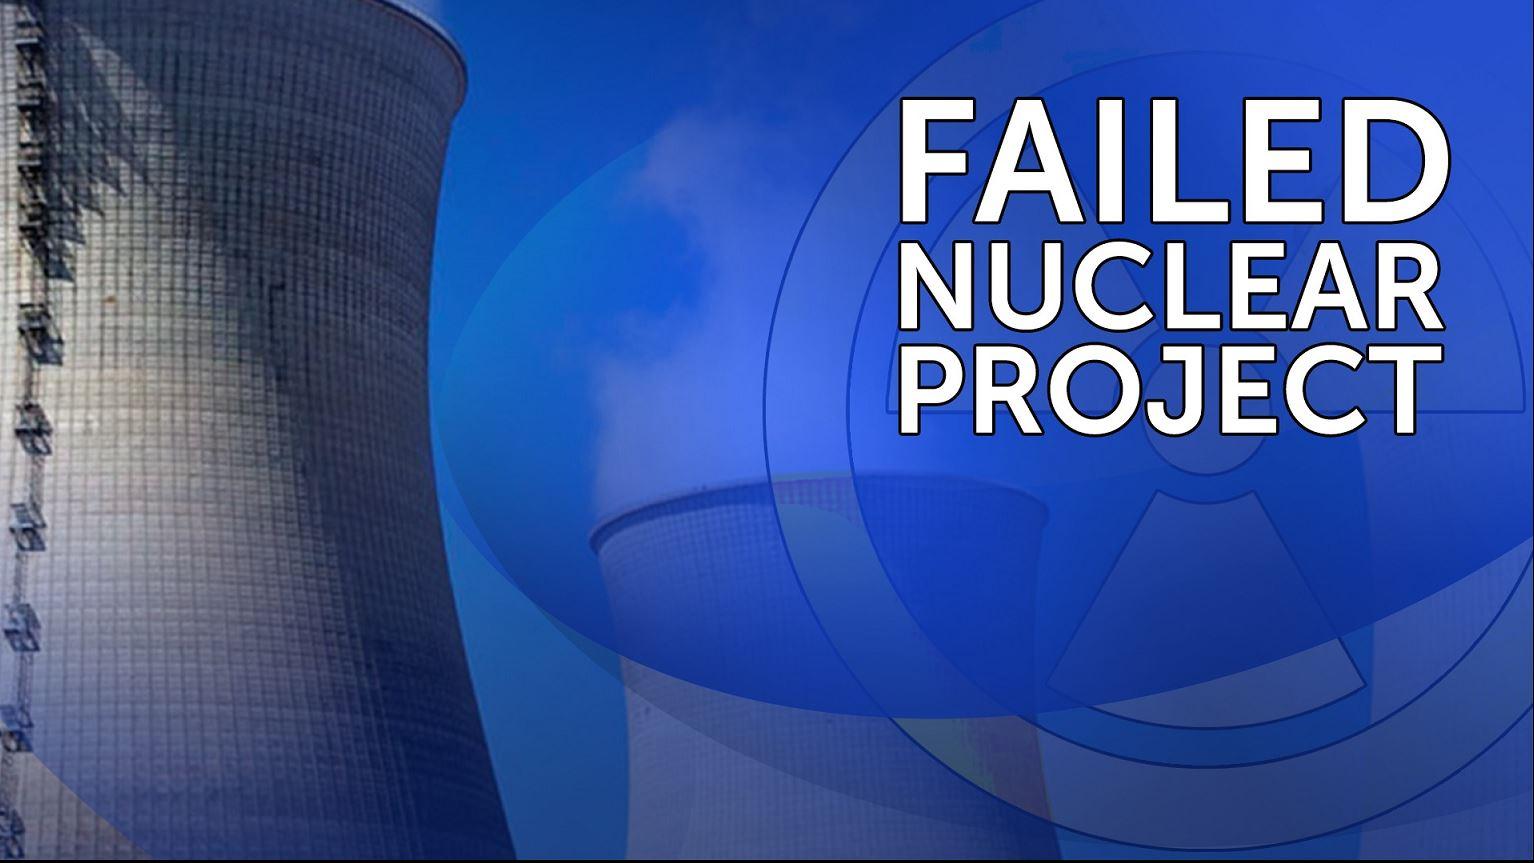 failed nuclear project_1532990403916.JPG.jpg